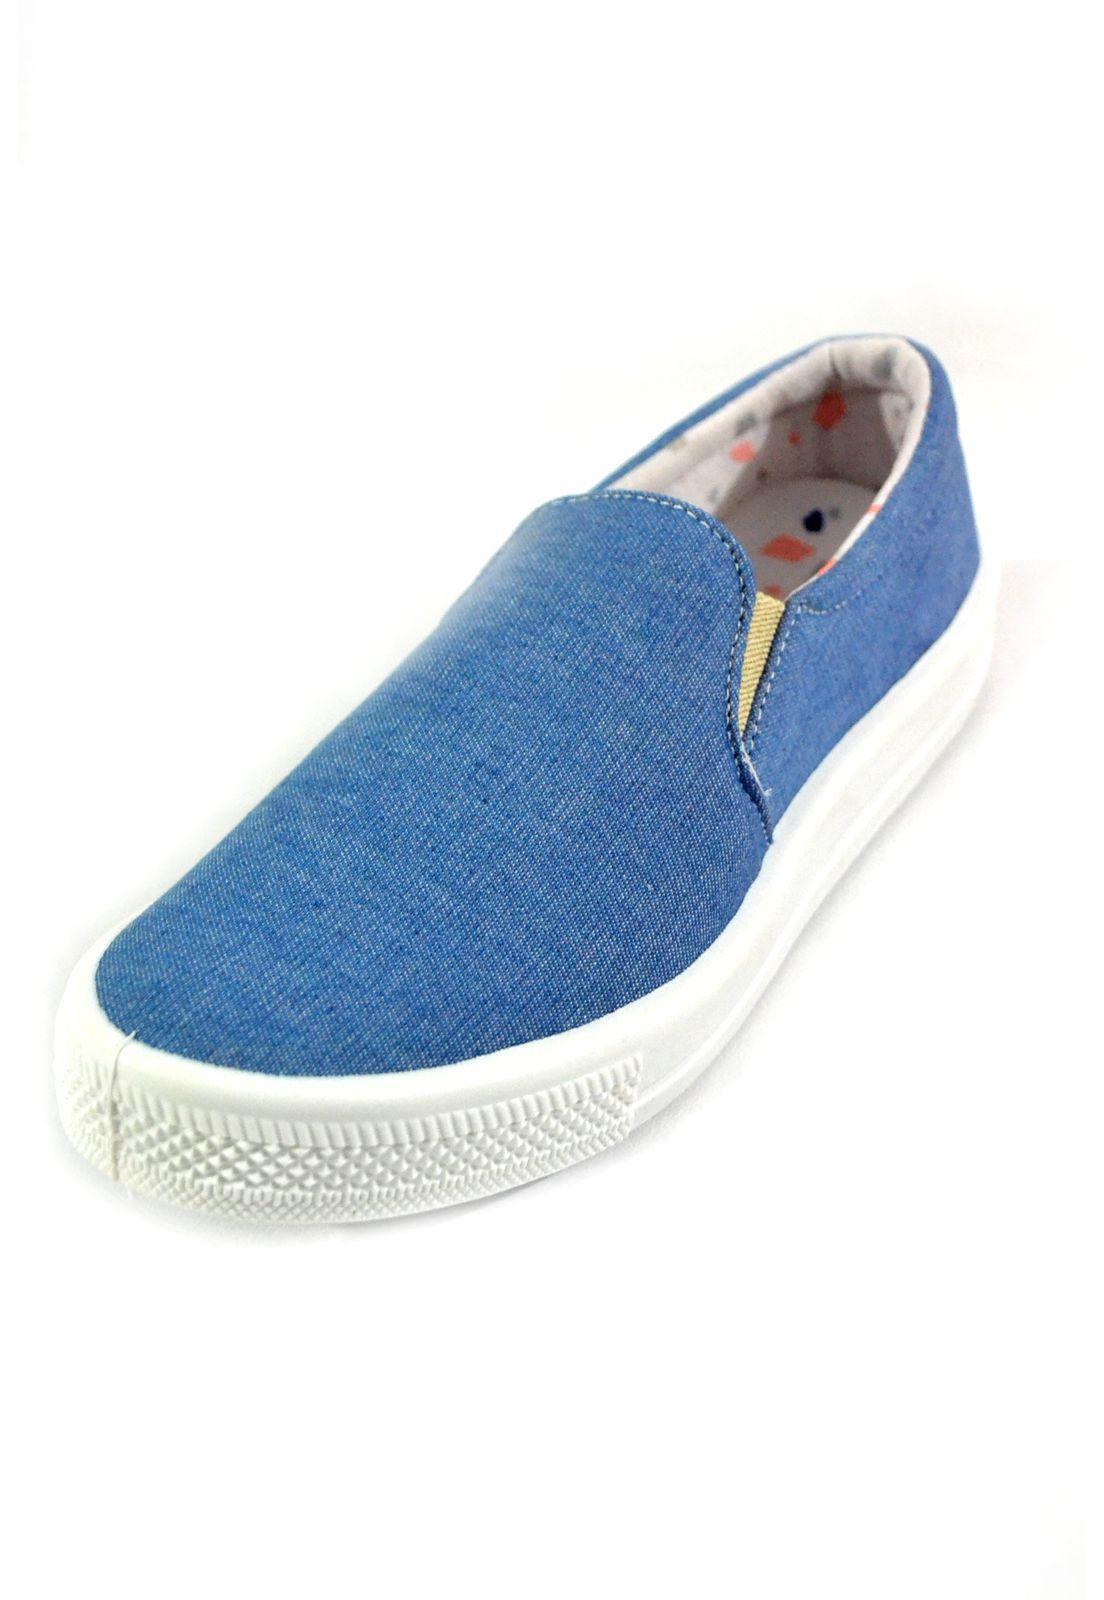 Tênis Iate Lona 1009896 Jeans Claro